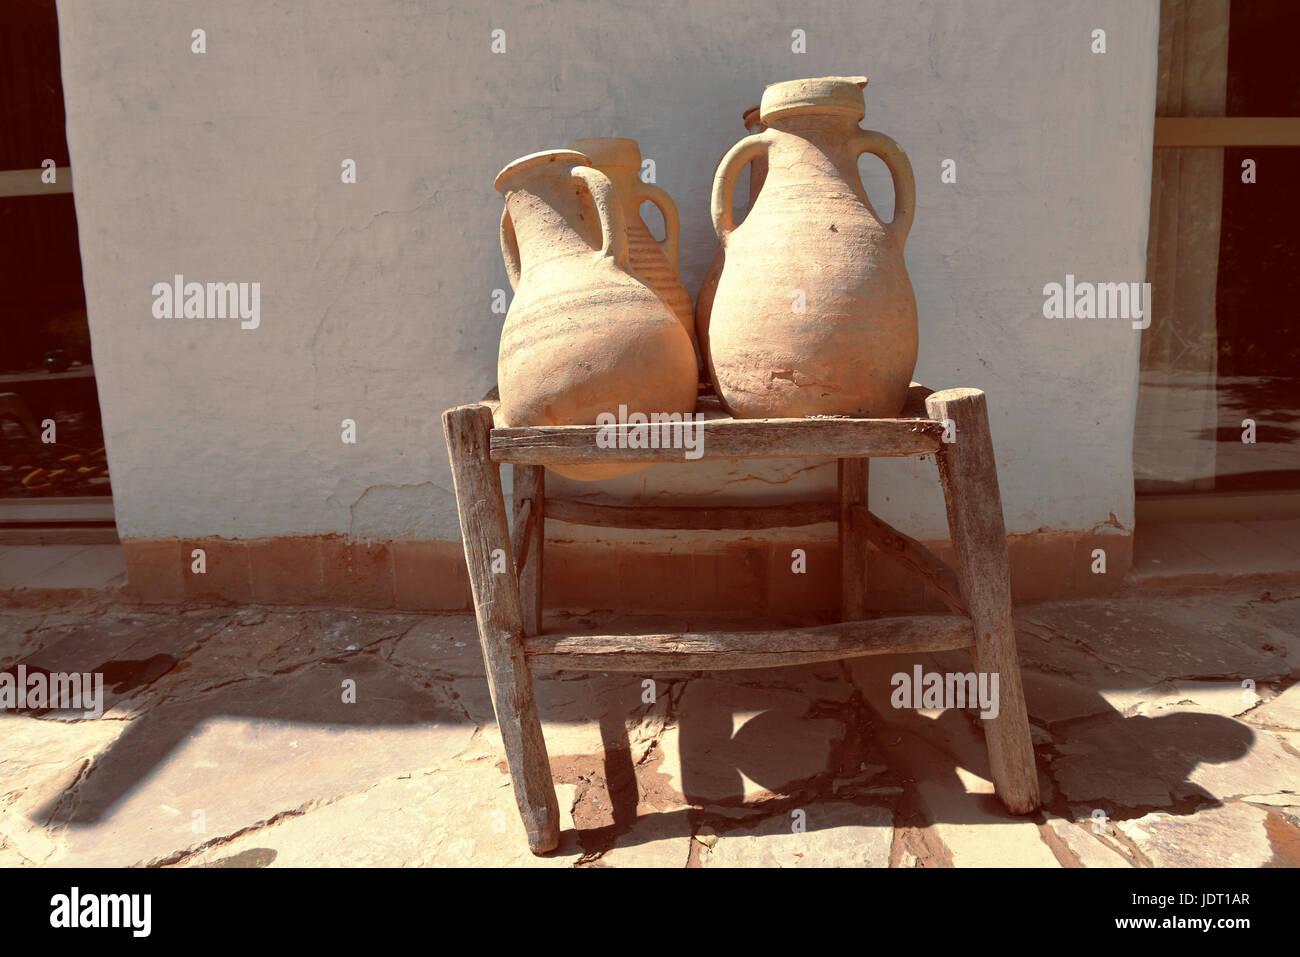 Terracotta Pots , Moroccan Scene , Rustic Bohemian Simple Landscape , Mexican Interior Design , Minimalist - Stock Image